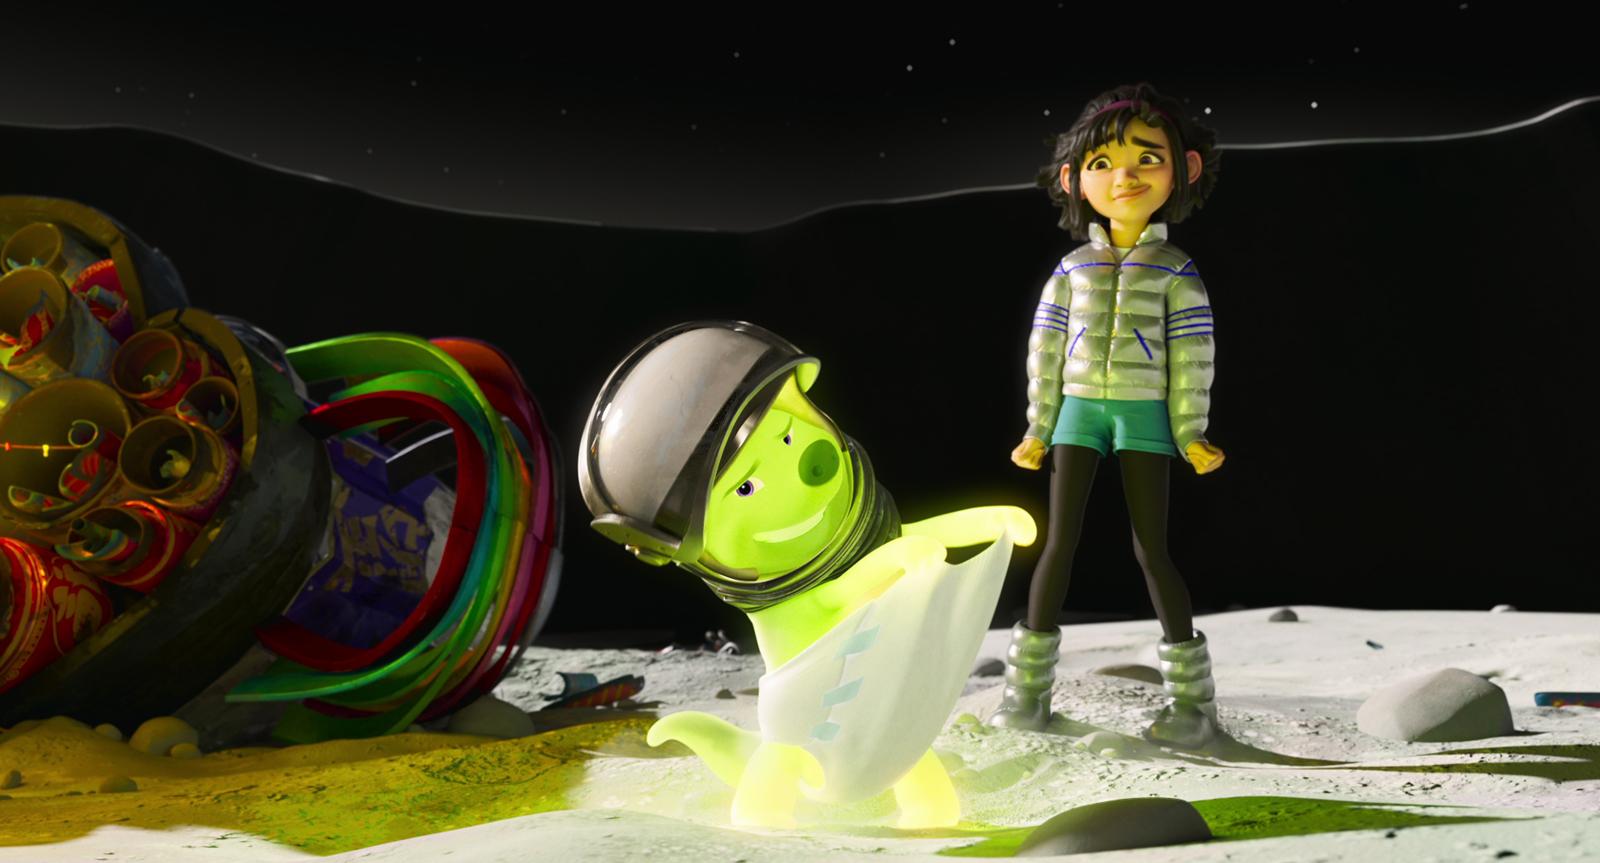 Over The Moon / Voyage dans l'Espace, dessin animé Netflix, 2020